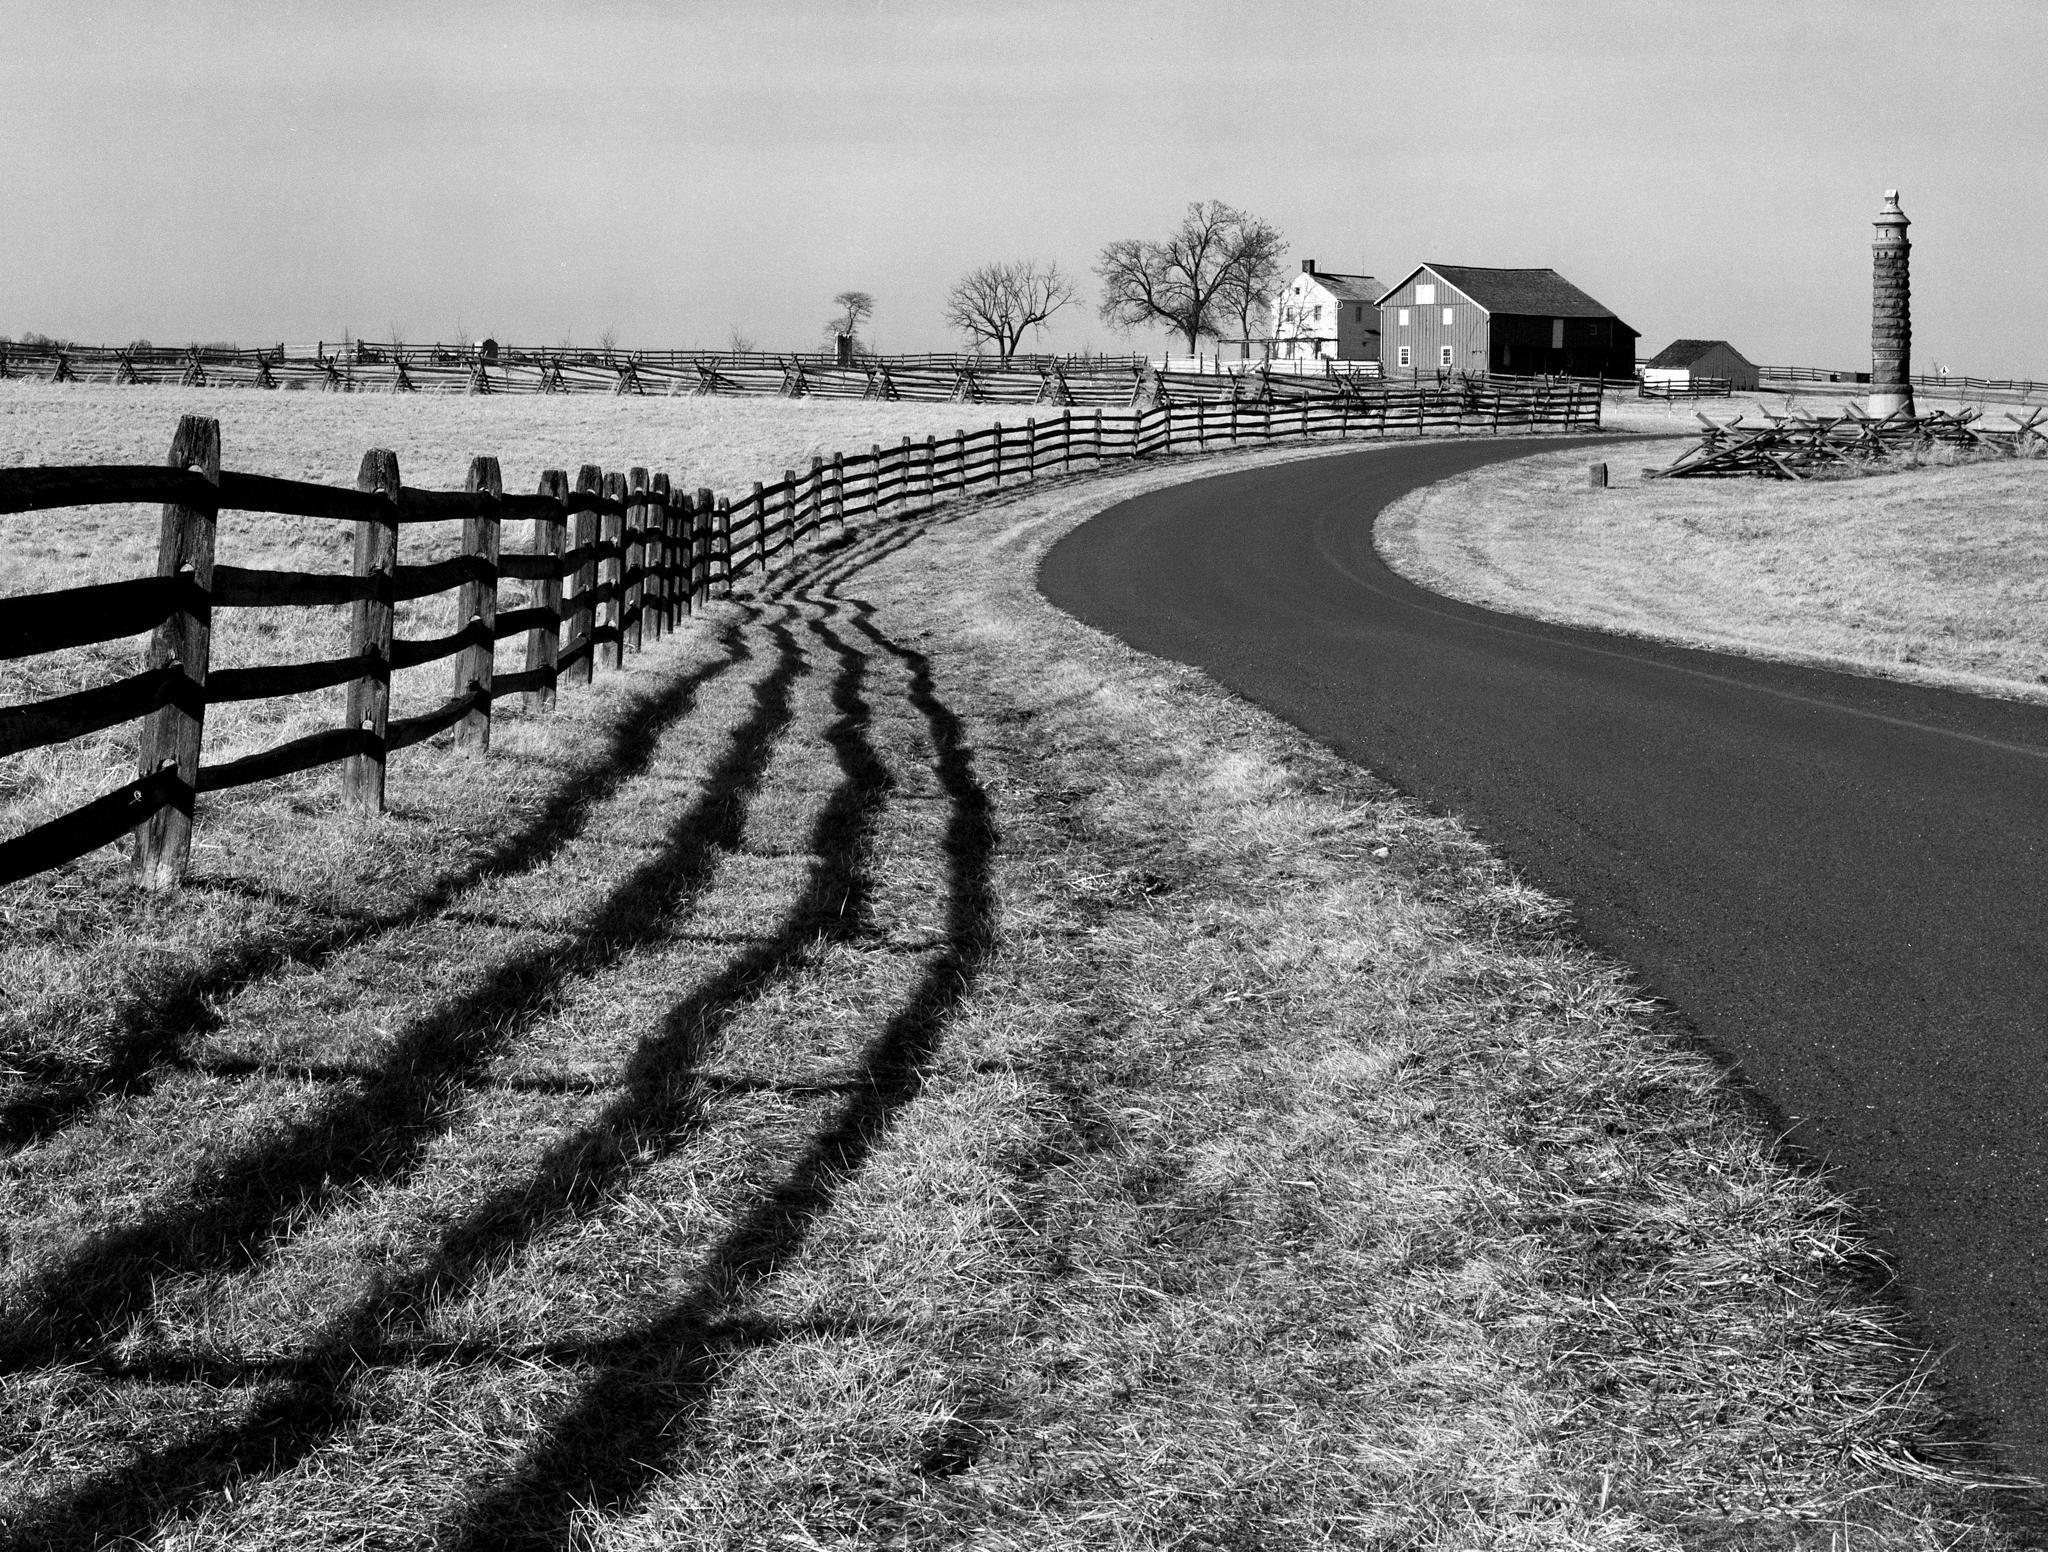 4x5_for_365_project_073_Gettysburg_curvy_road.jpg